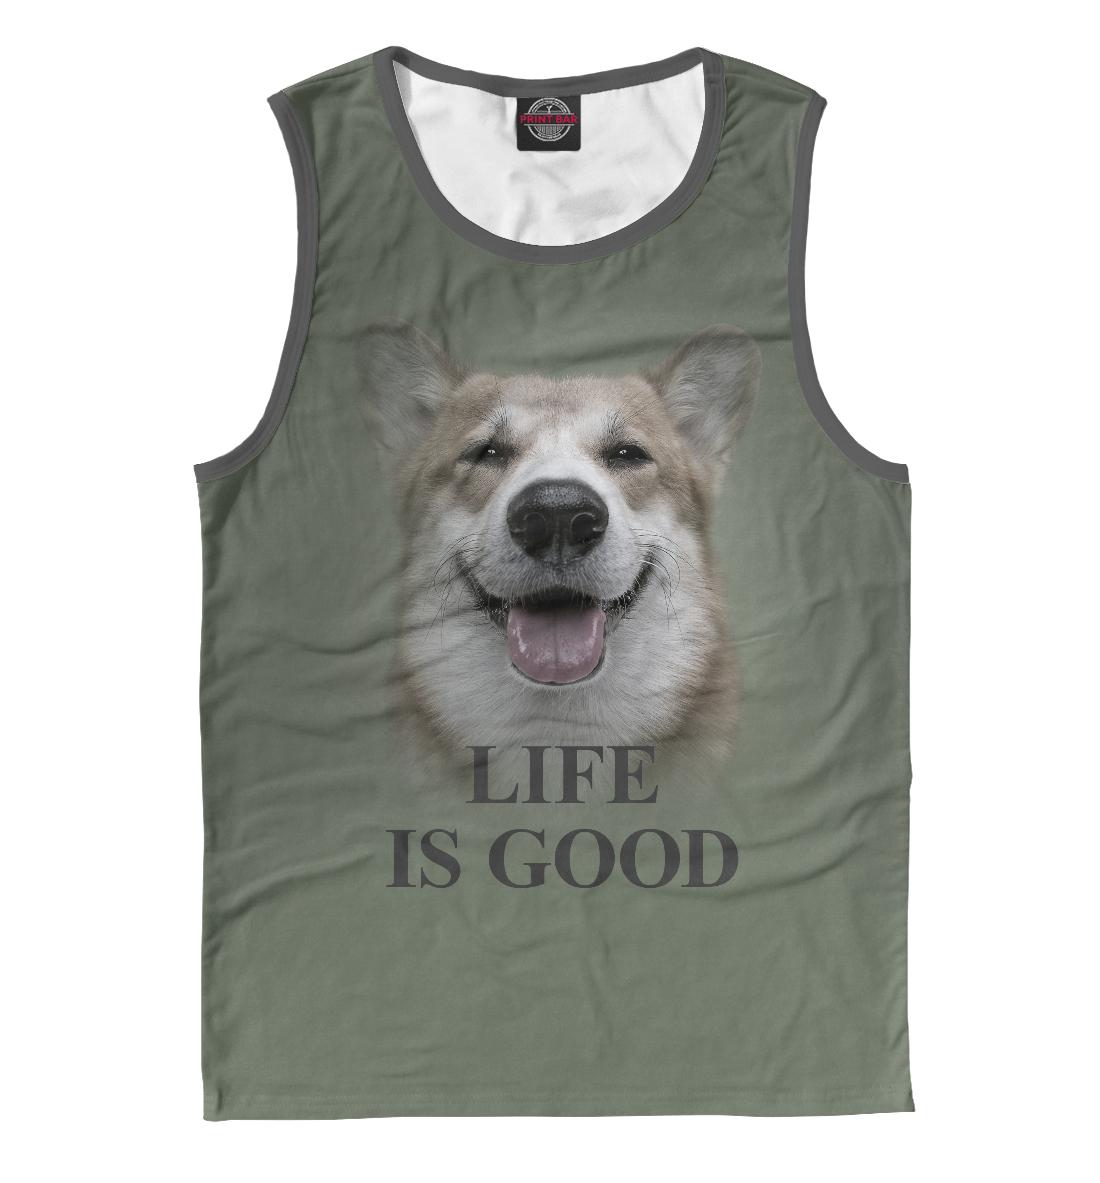 Life is Good trump is good